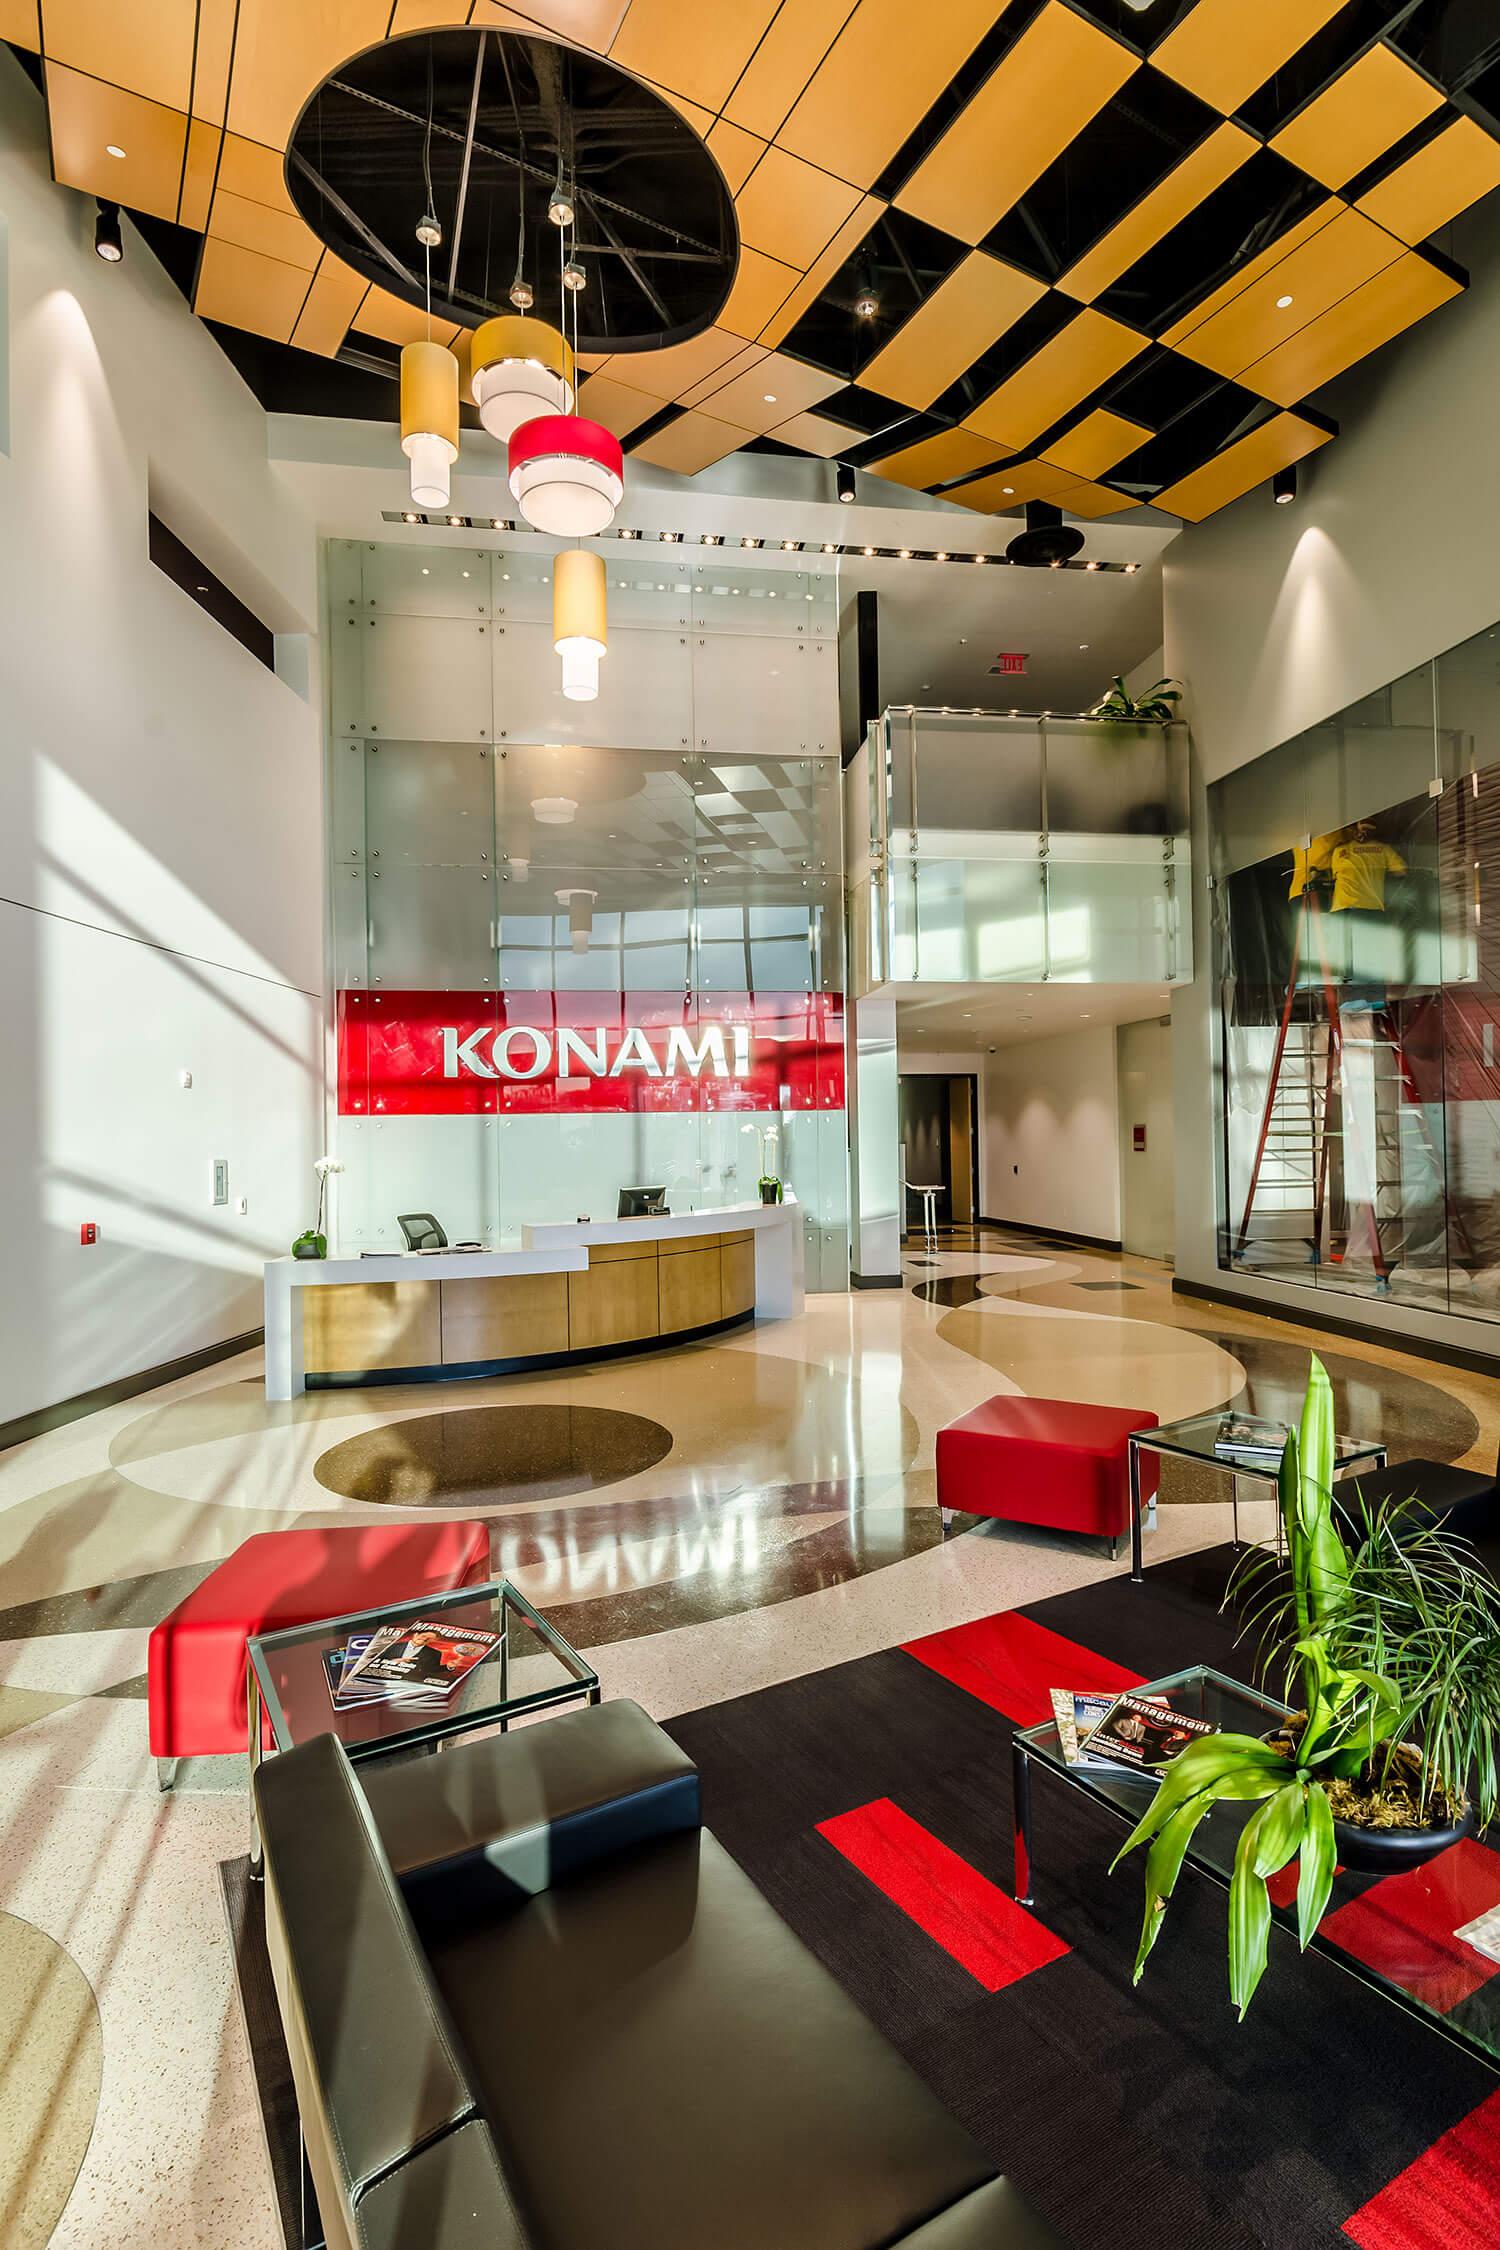 Konami Gaming